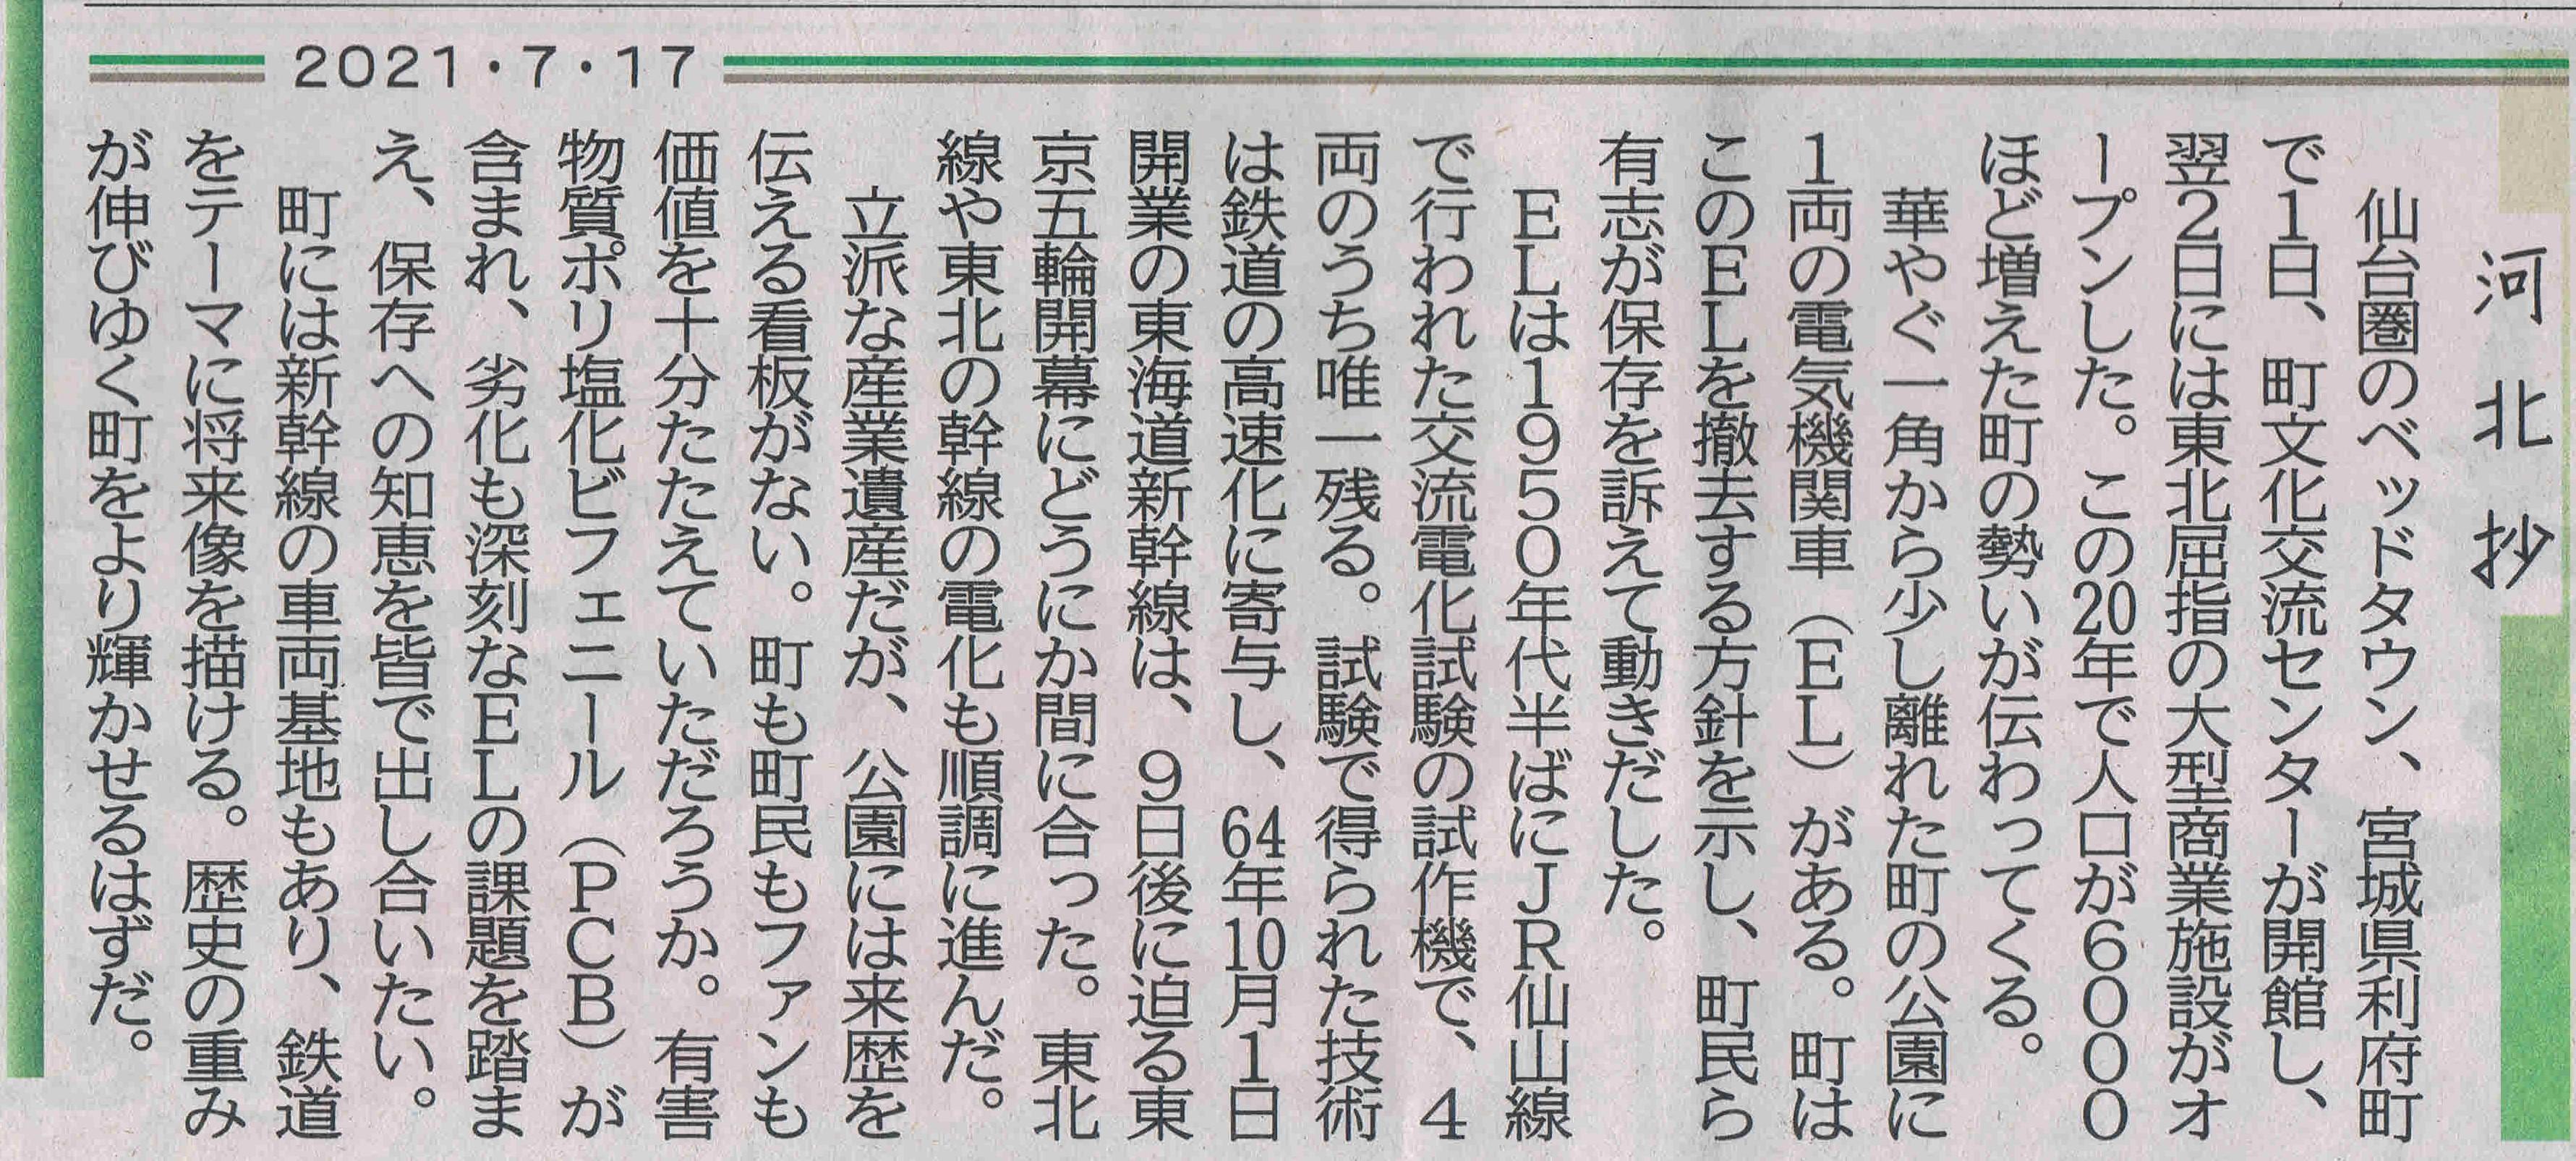 20210717『河北夕刊一面_河北抄』に利府森郷公園の交流電化試作機の撤去の話題が掲載されました